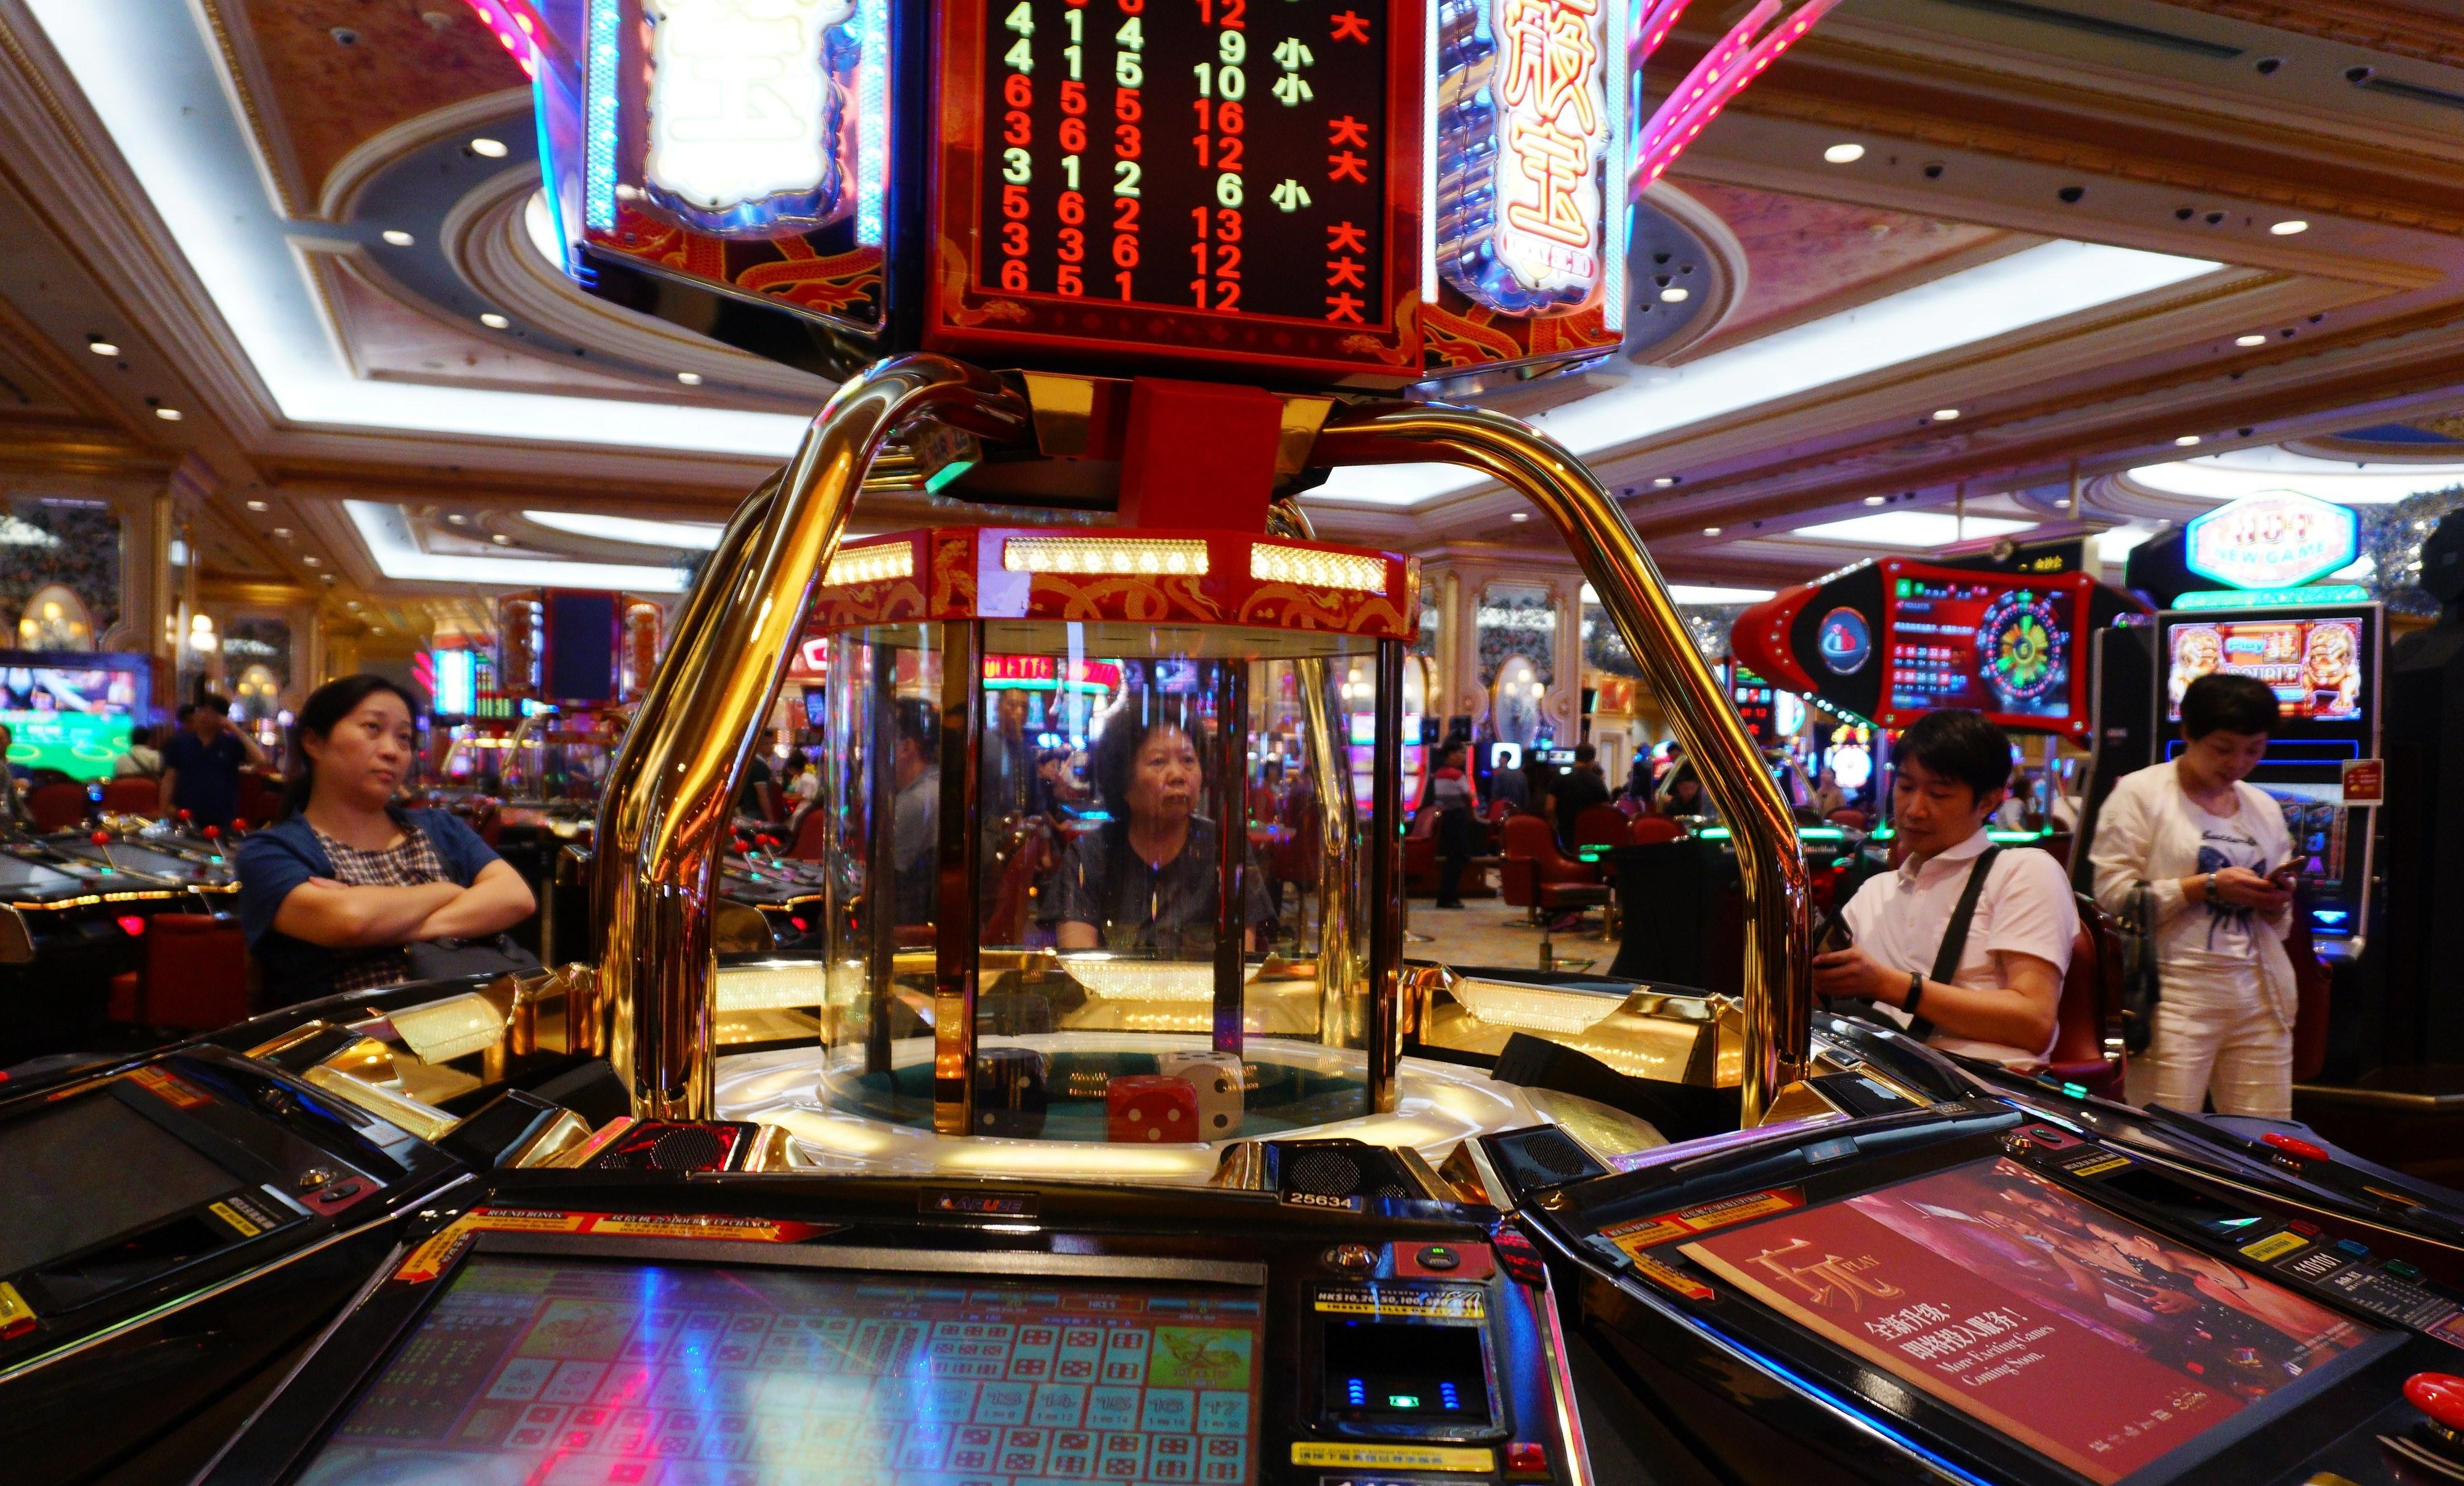 Peso da atividade do jogo na economia em Macau cresceu em 2017